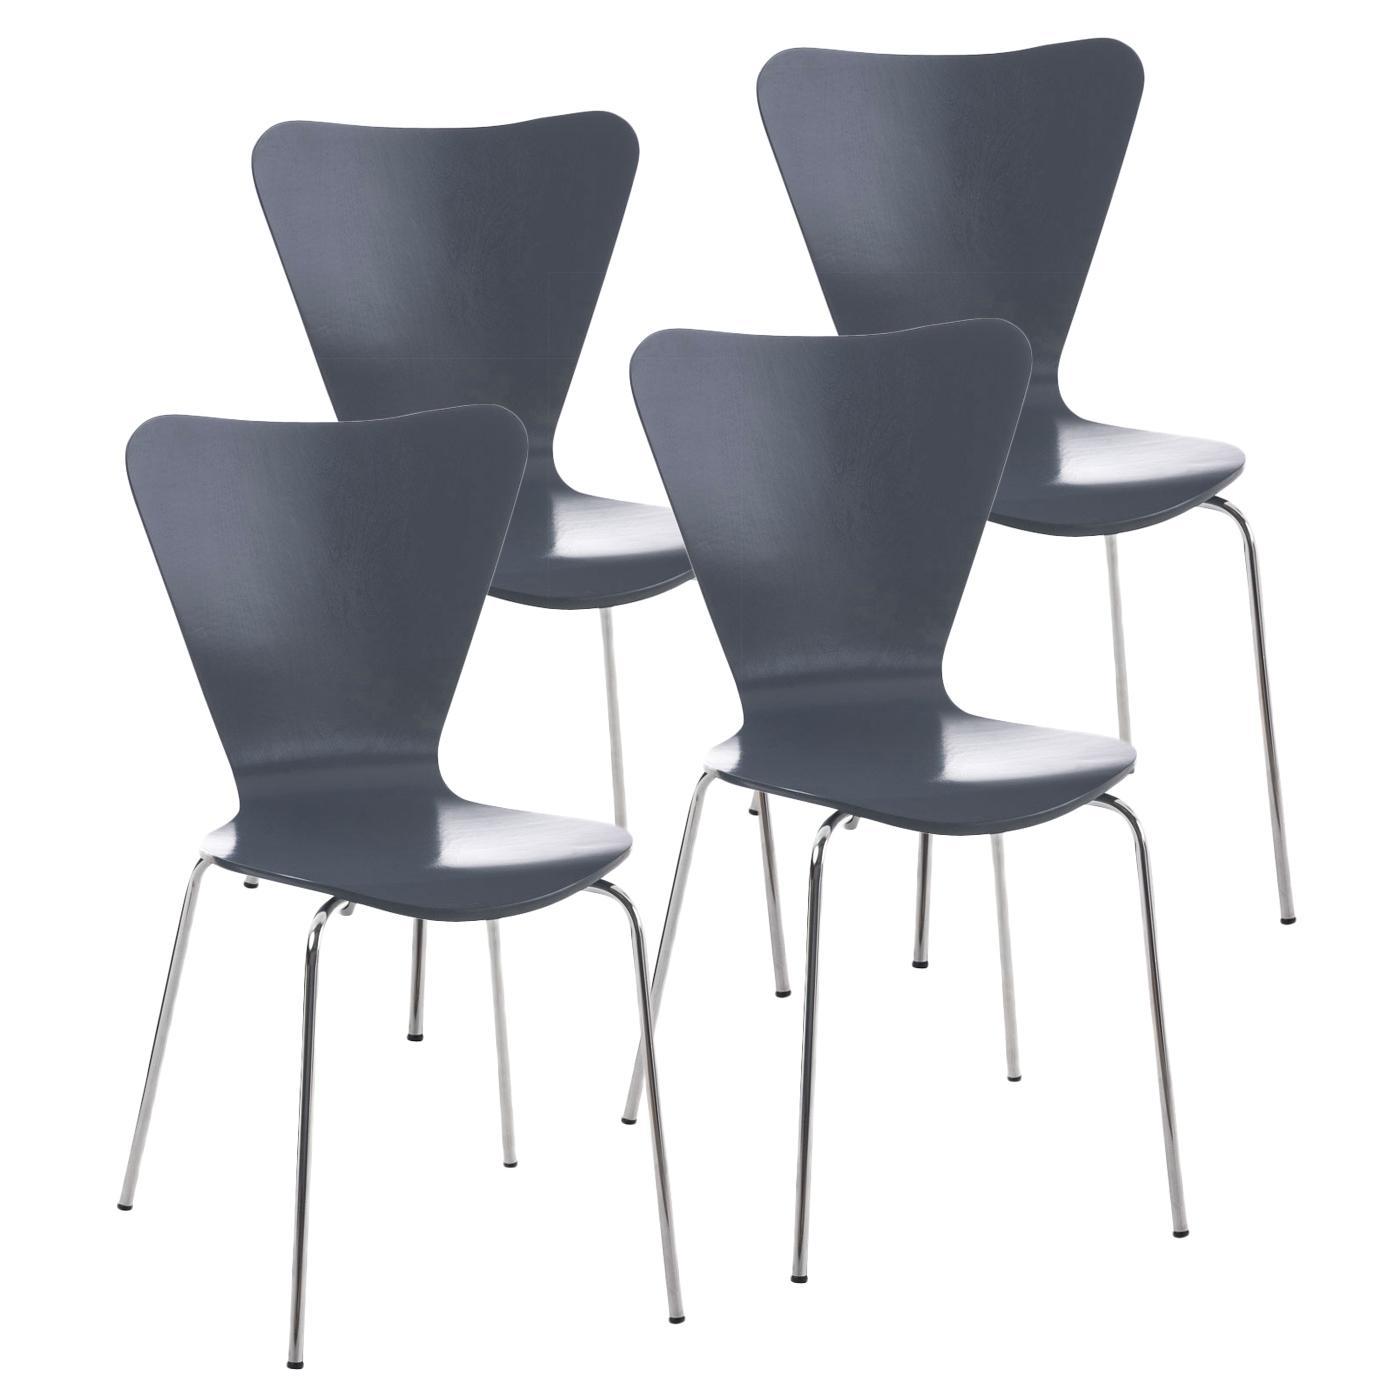 Lote 4 sillas de cocina o comedor lerma en gris lote 4 sillas de cocina o comedor lerma en for Comedor 4 sillas madera